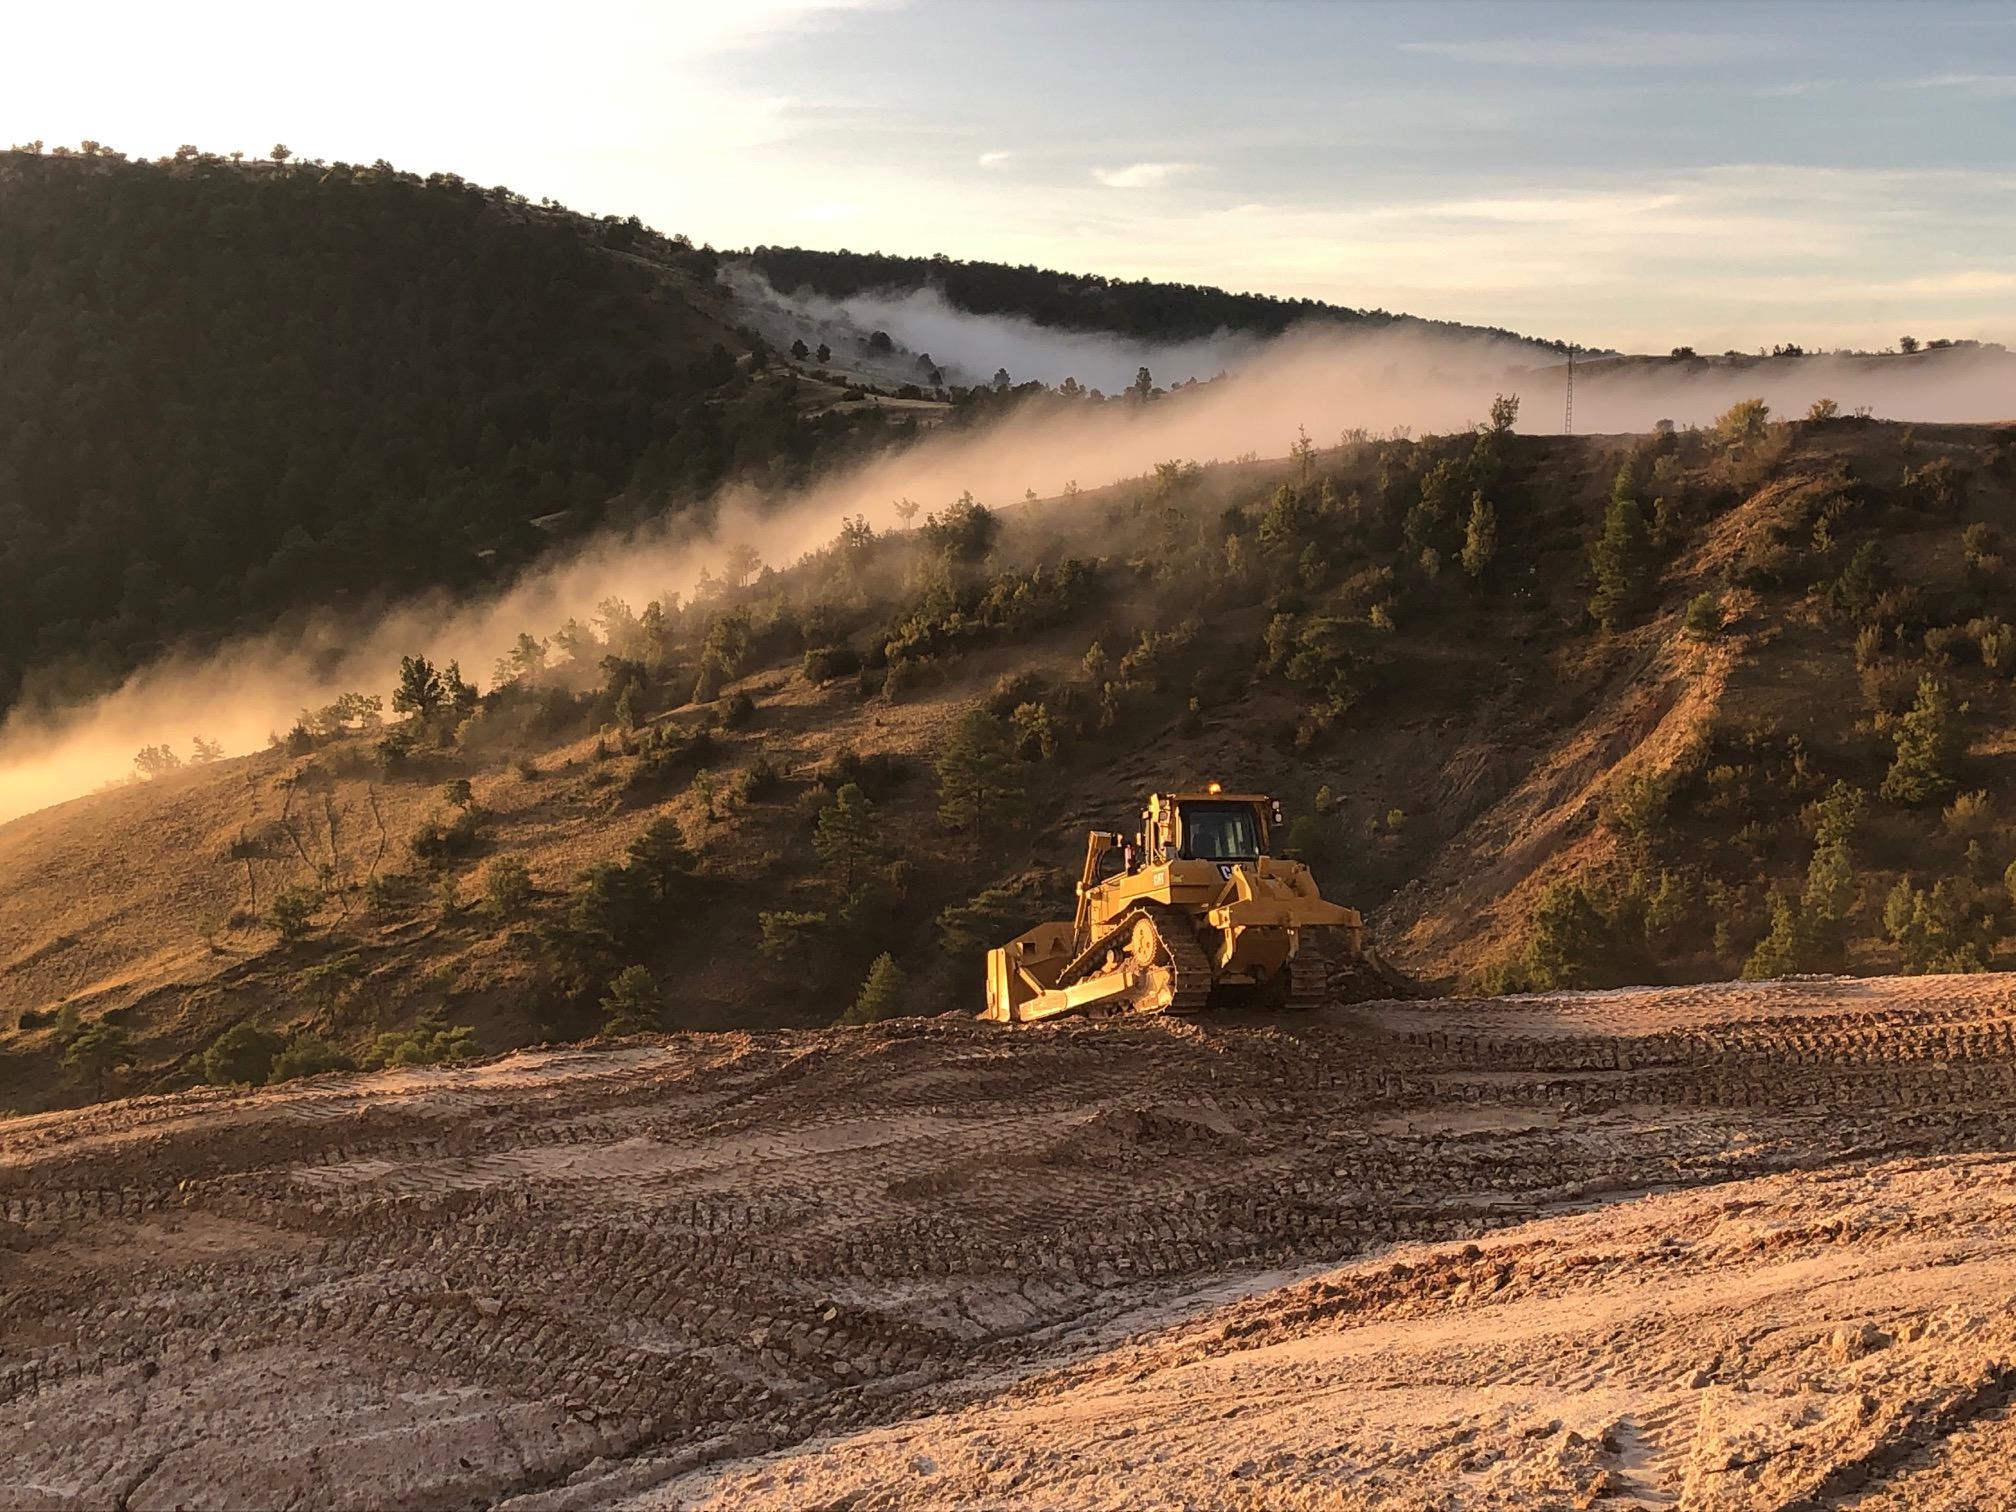 Finalização da Fase 2020 da remodelação geomorfológica na  mina de Santa Engracia